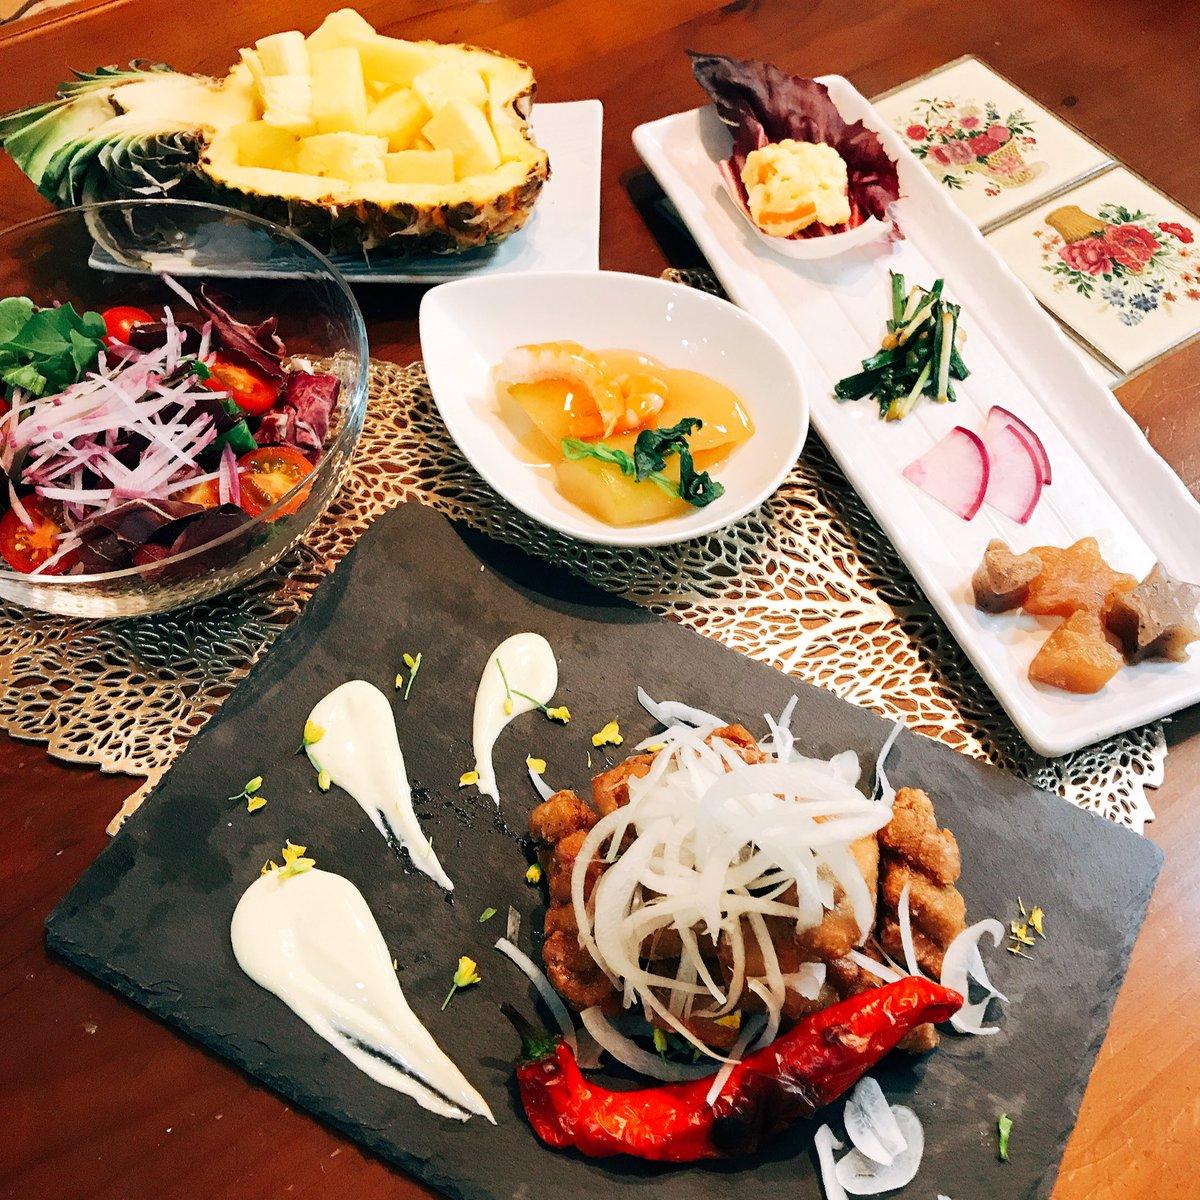 #60歳おやじの晩ご飯 #dinner #マグロの唐揚げ #deep fried tuna #冬瓜とツナのあんかけ #food dressed with a thick starchy sauce of winter melon and shrimp #salad #オードブルらしきもの💦 #something like hors d'oeuvre #パイナップル #pineapple https://t.co/dUBqmnSASC